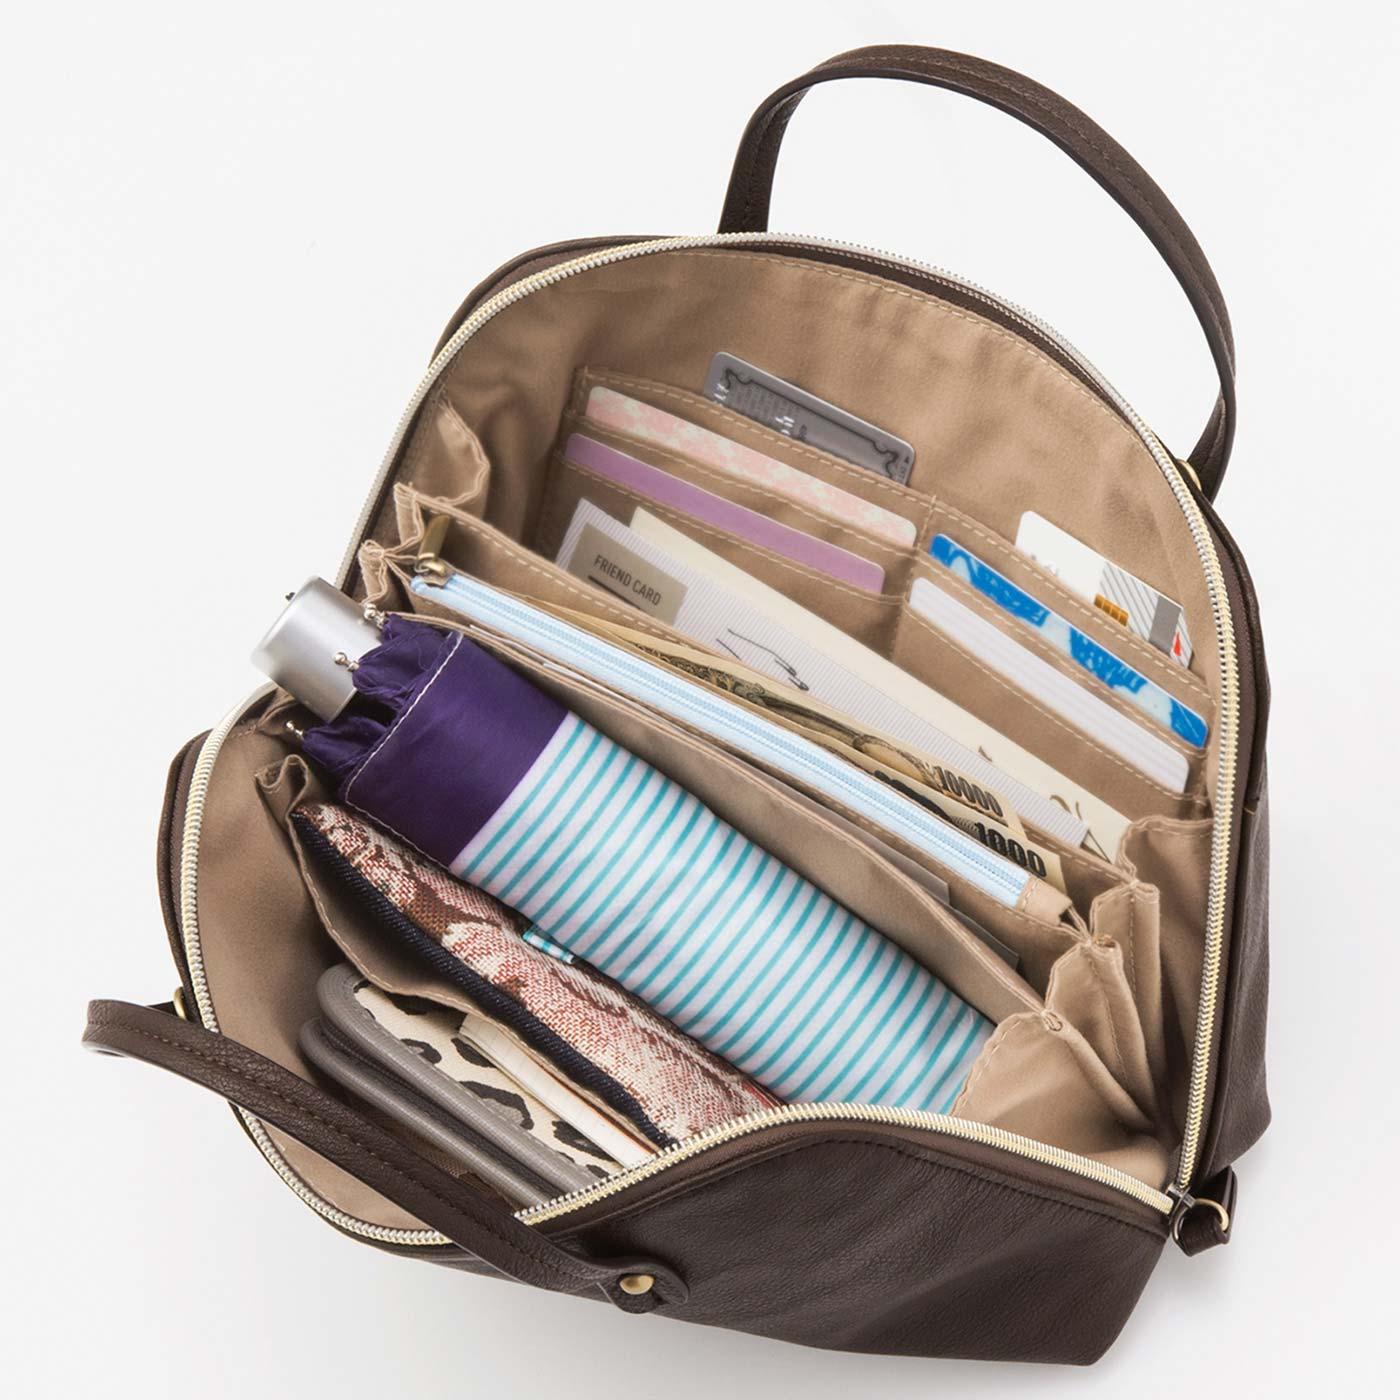 カードホルダー・小銭入れ・お札入れのお財布機能が付いているので、お出かけ必需品を最小限にできるのが最大の魅力。折りたたみ傘やペットボトルも入ります。